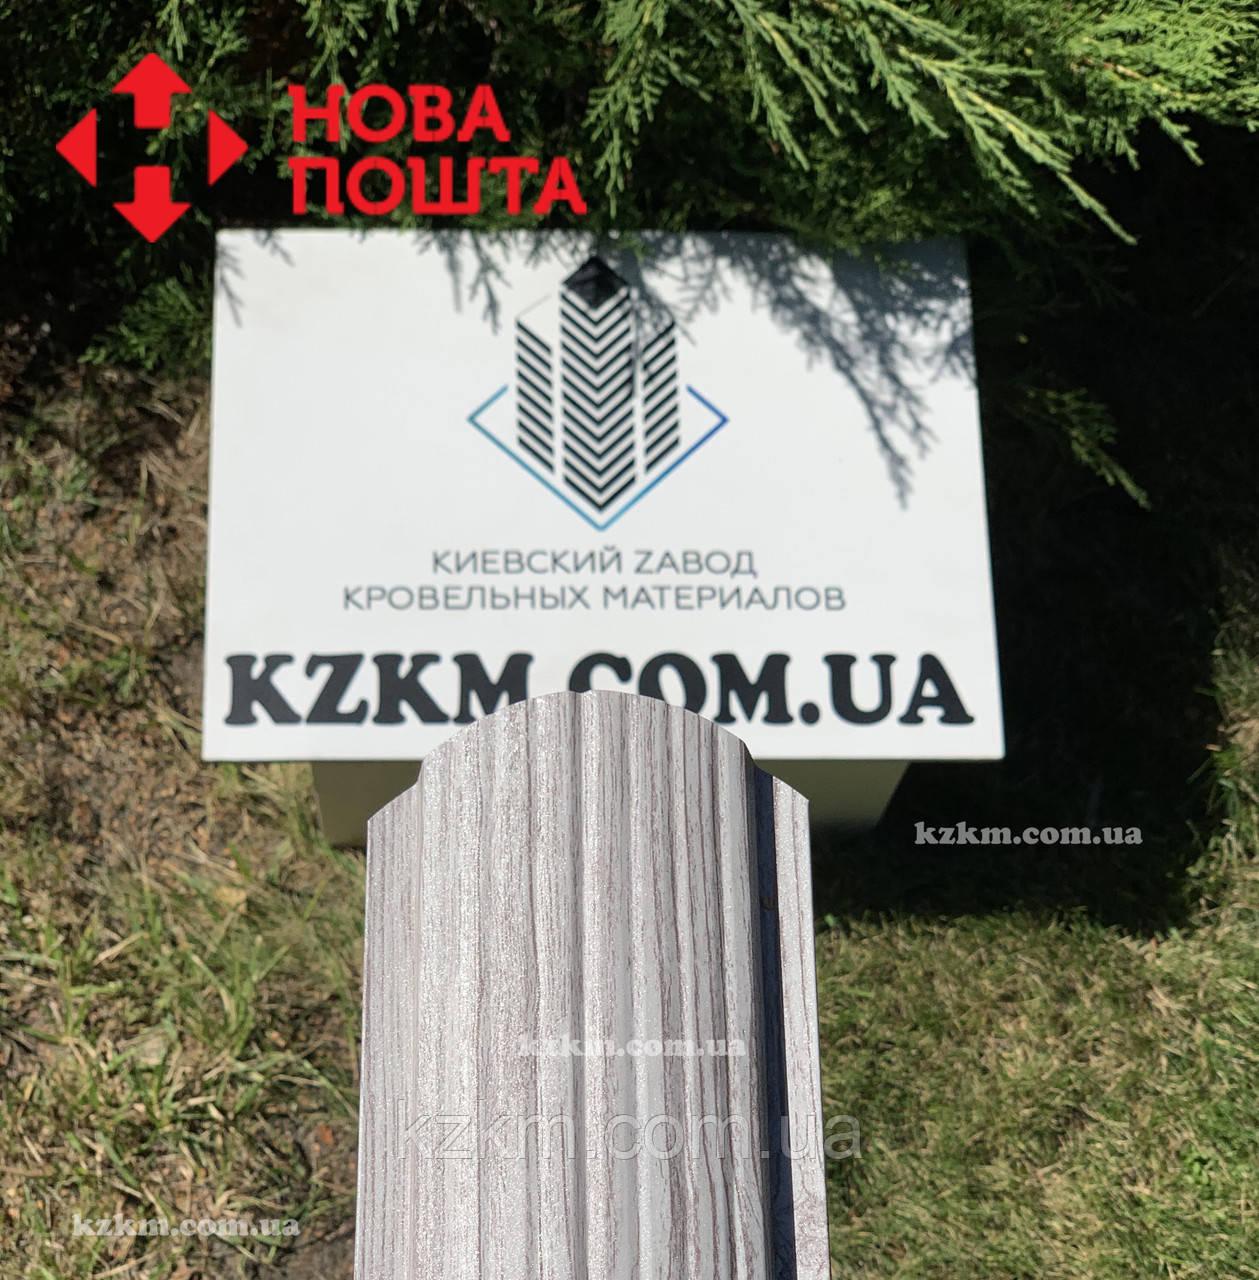 Штакетник металлический белое дерево 3Д Акация, евроштакетник, евроштахет, штакетник усиленный, забор